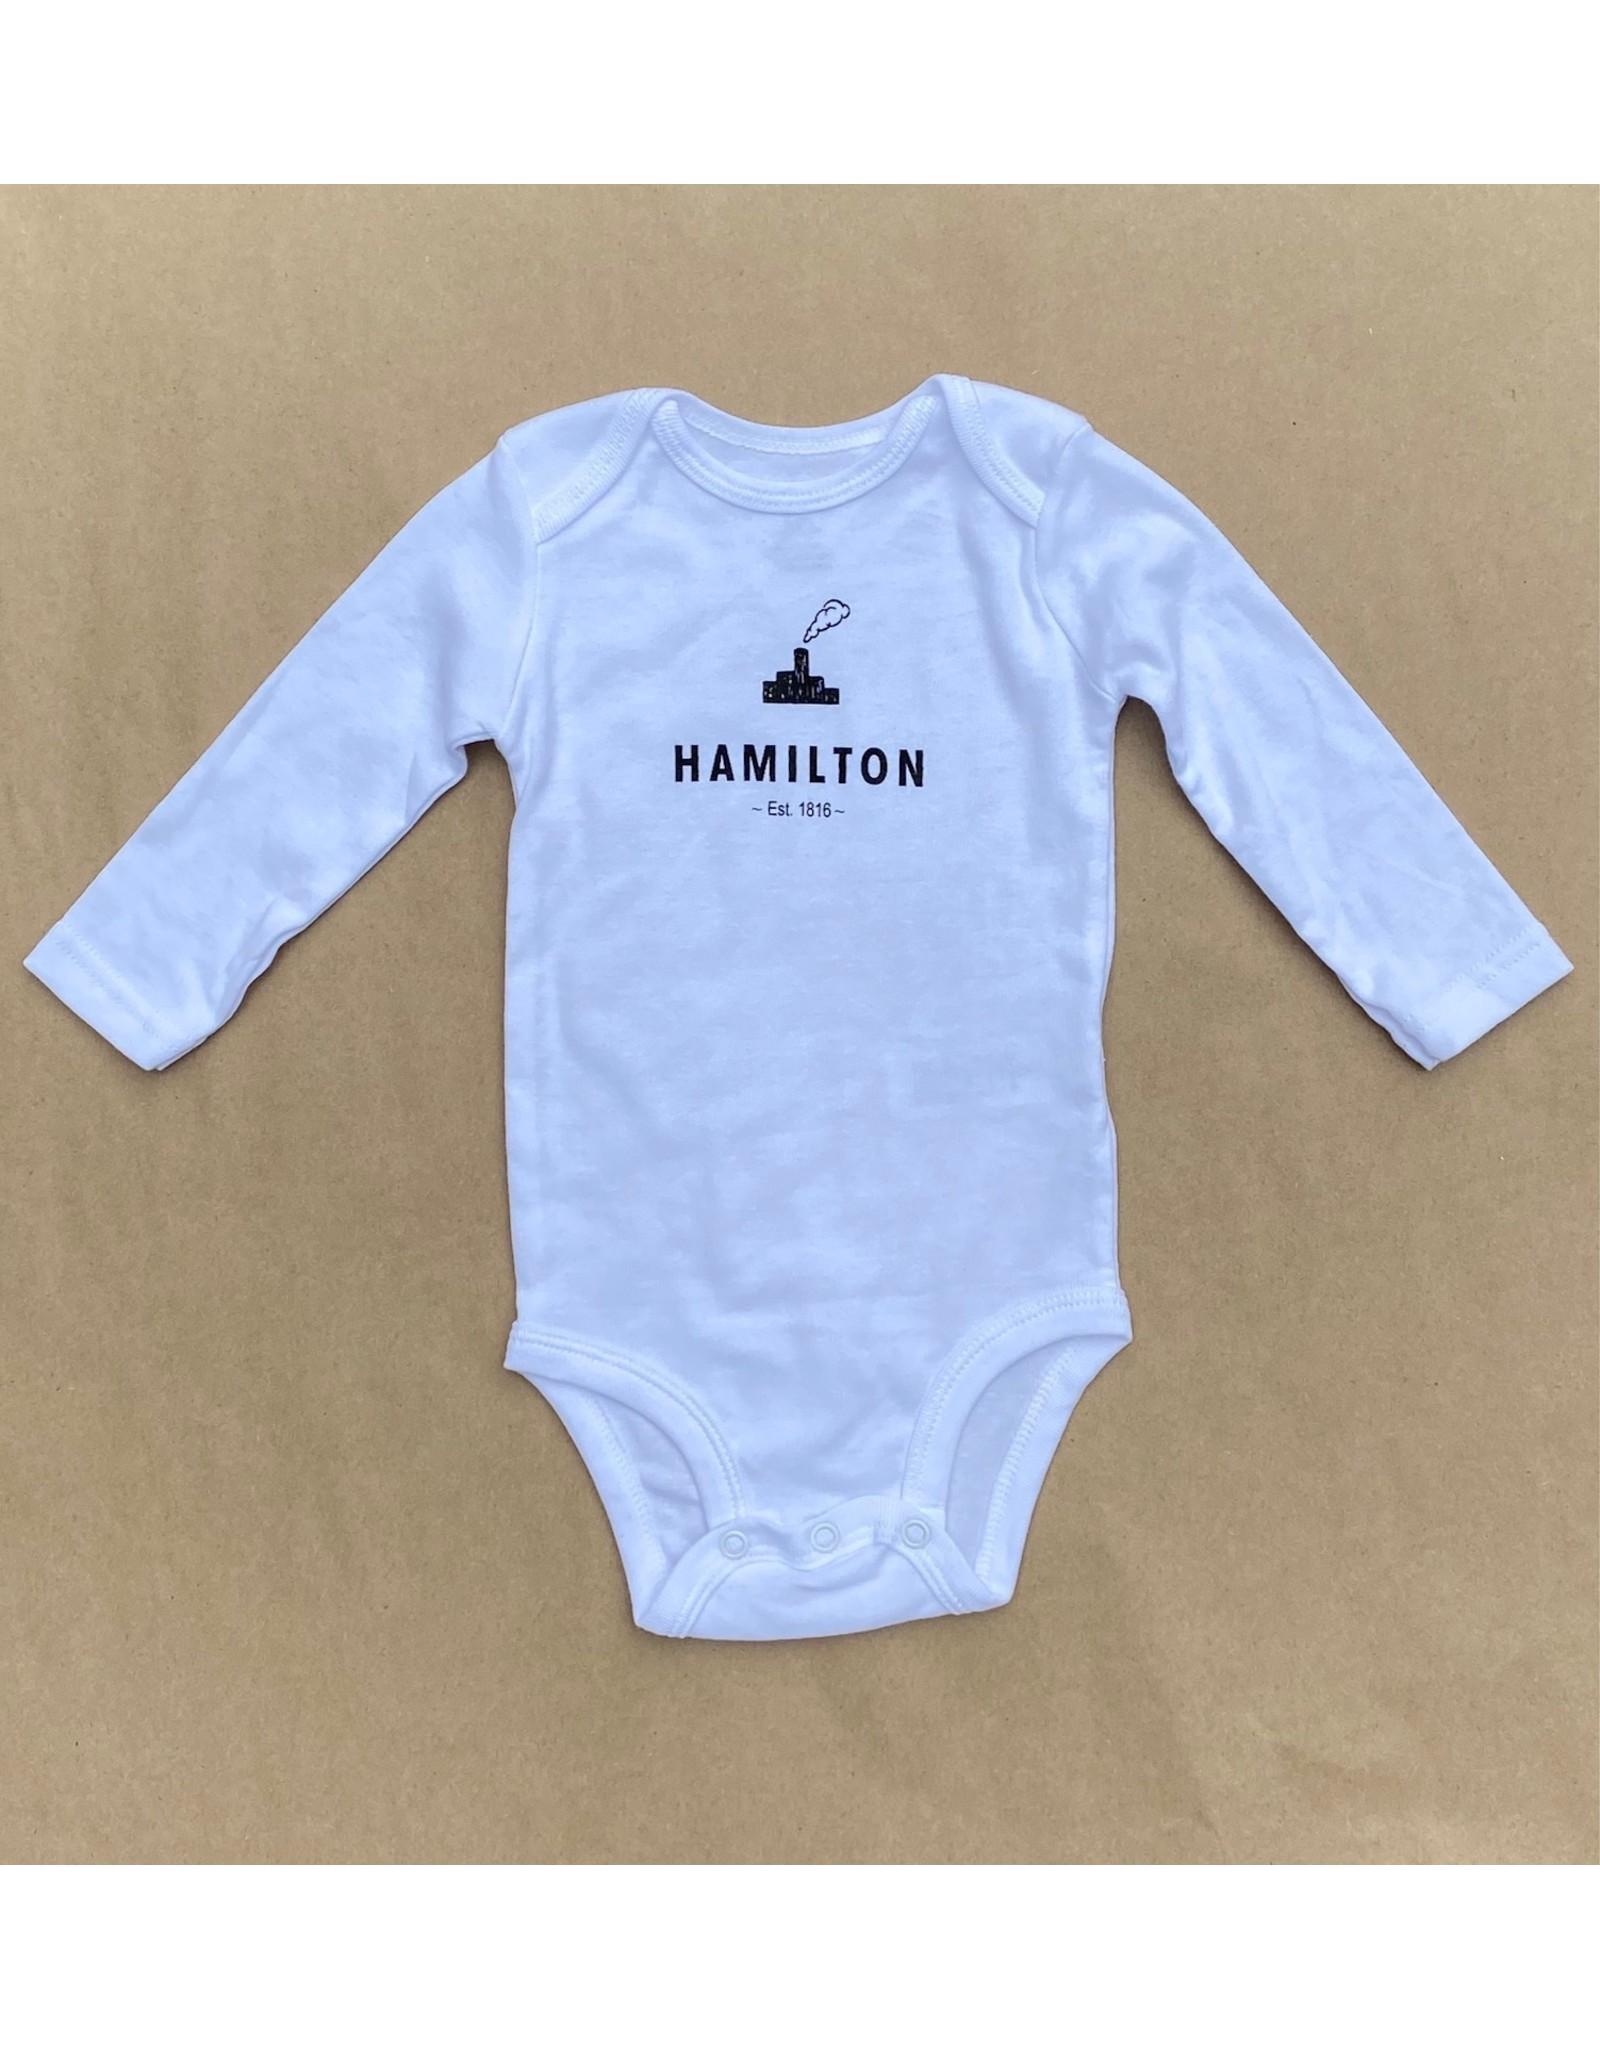 Hamilton Onesie